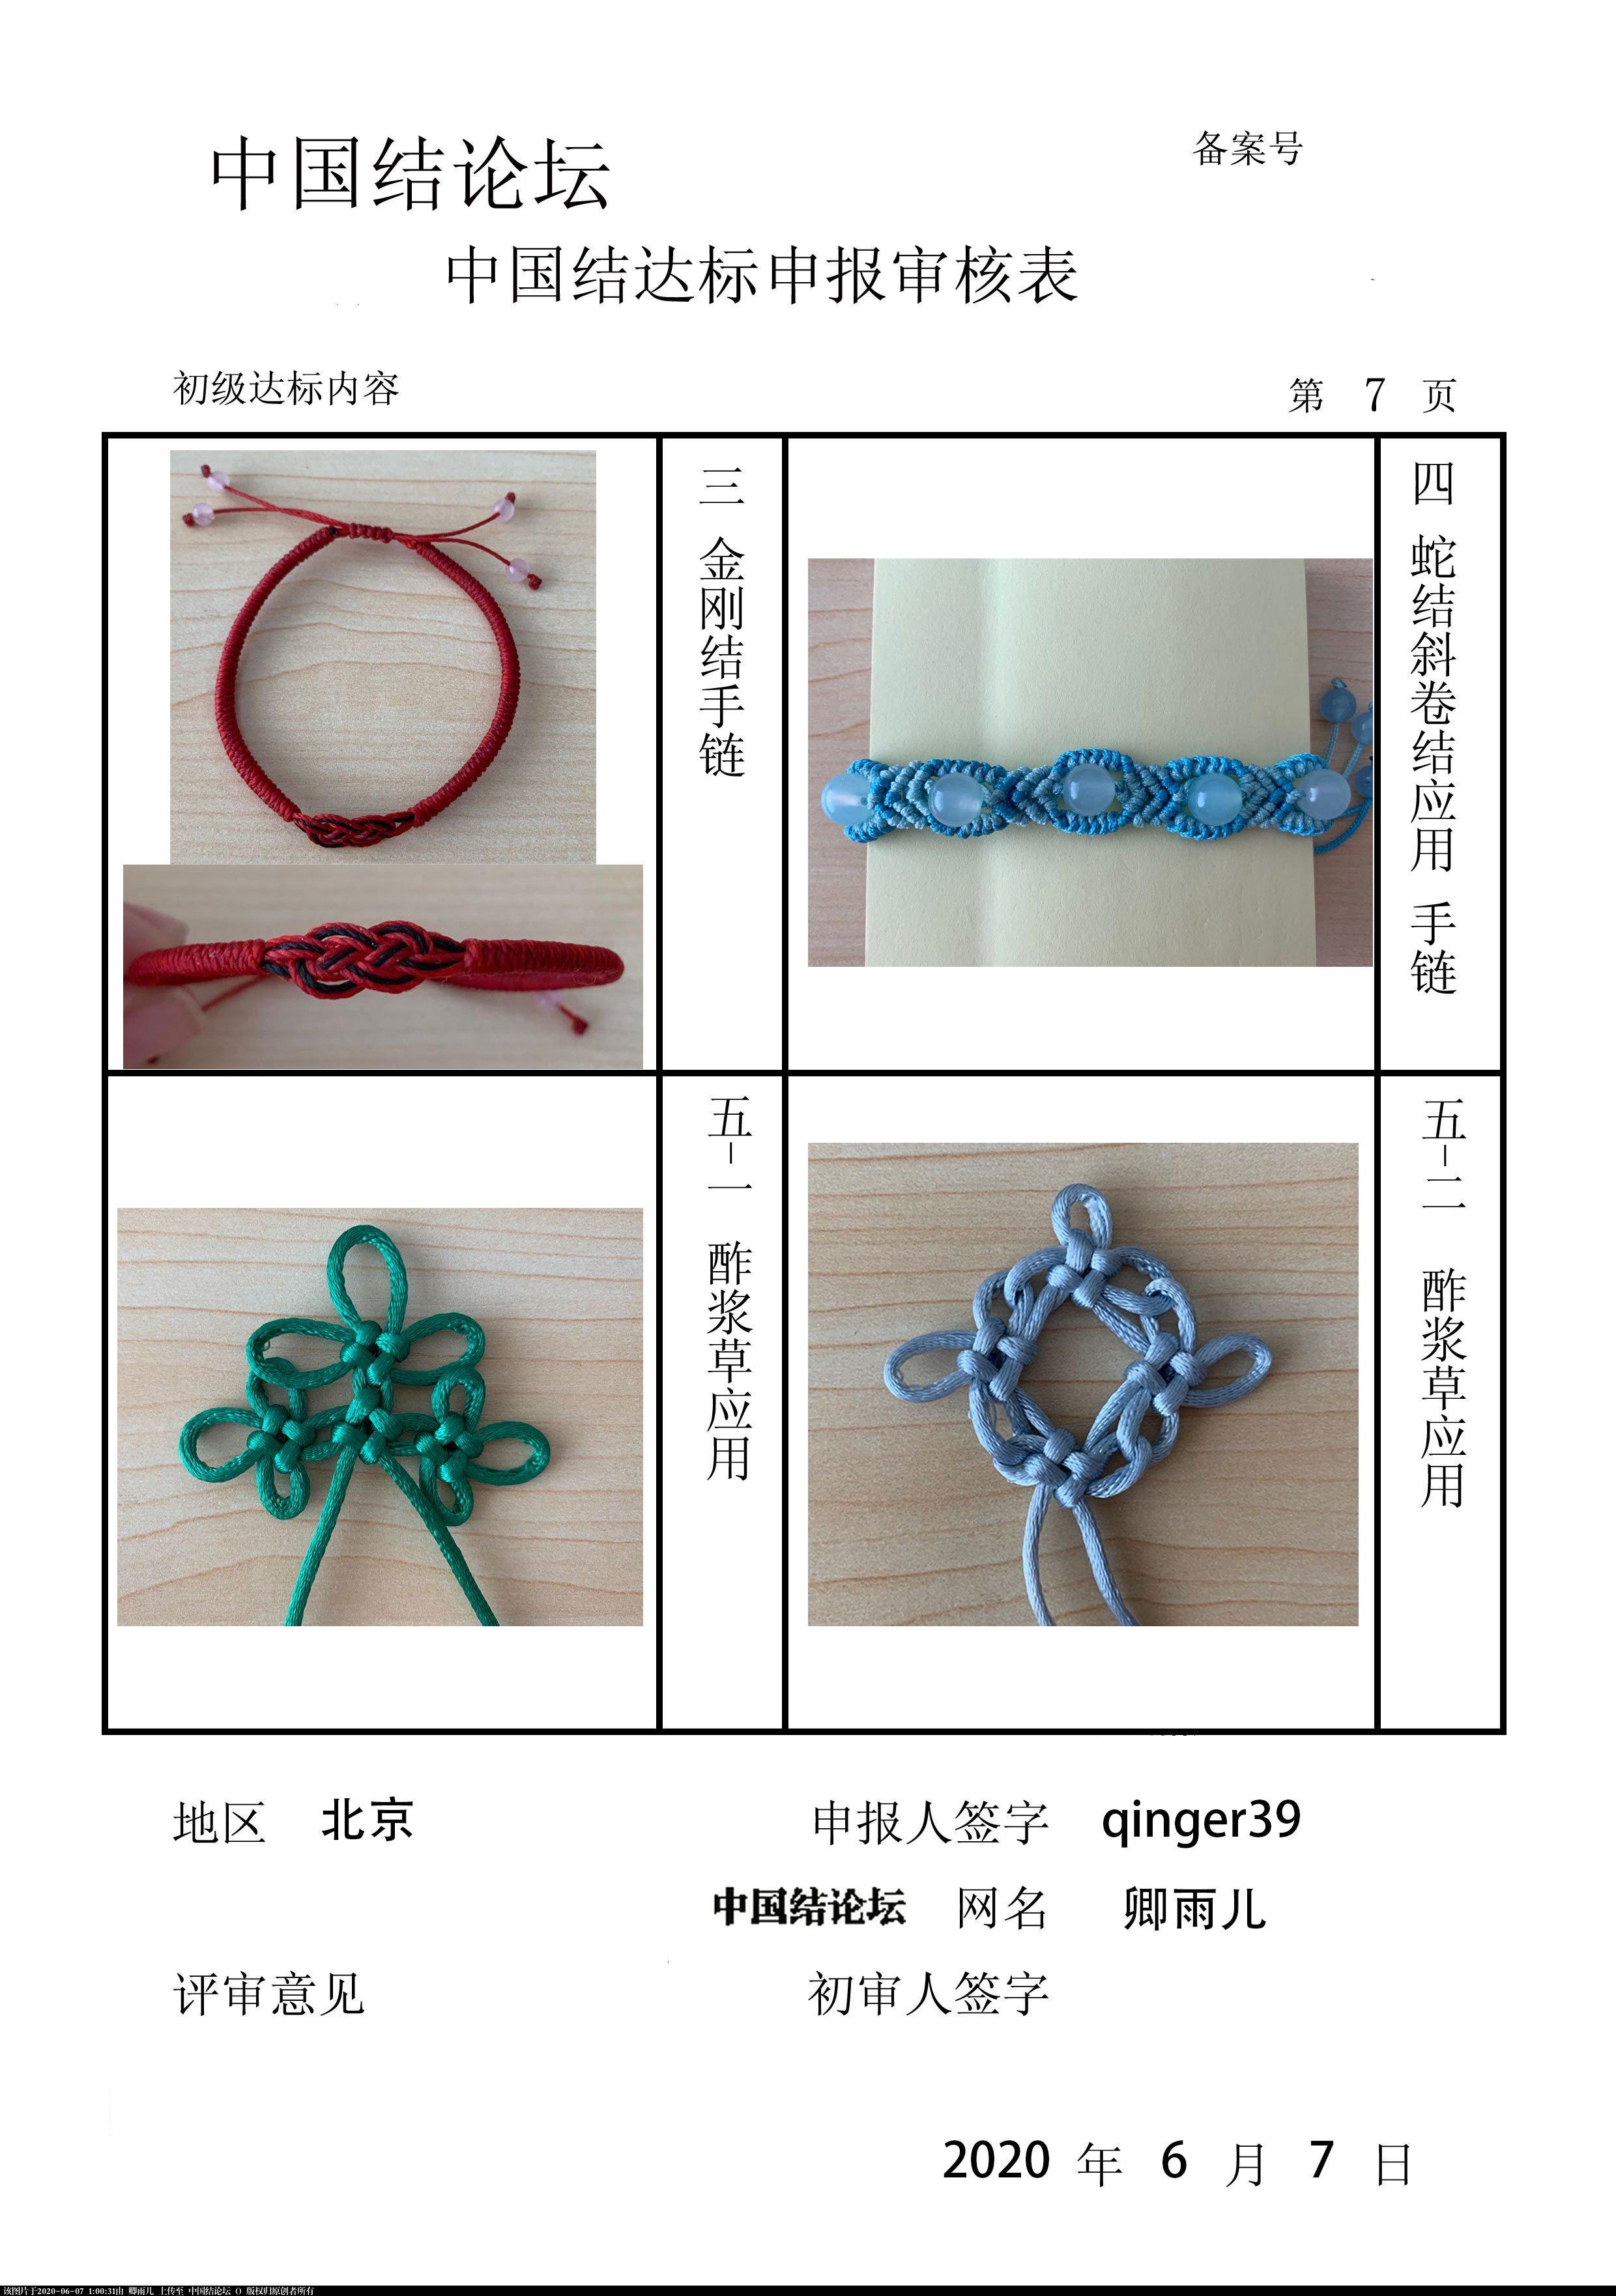 中国结论坛 qinger39-初级达标申请稿件 自备稿件《我》,安全小稿件,宣传稿件,稿件大全,安全稿件 中国绳结艺术分级达标审核 005833cqbxstrgob1oete5